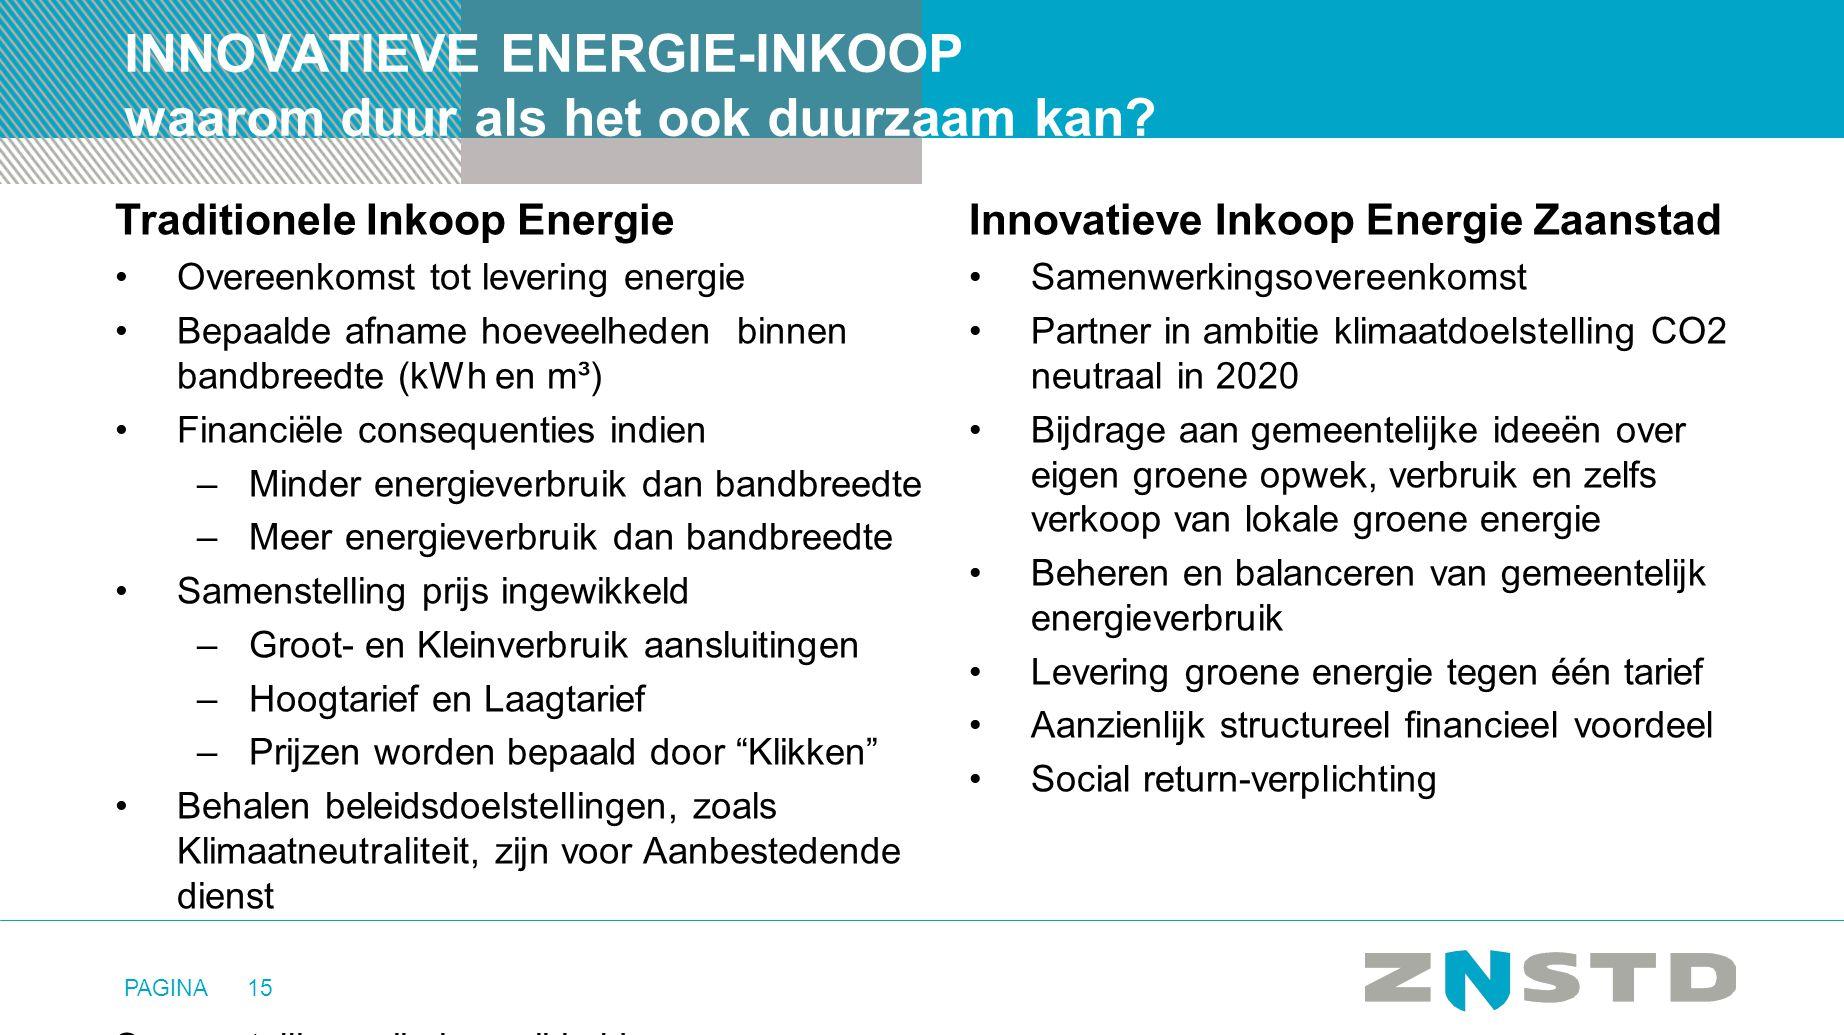 PAGINA15 INNOVATIEVE ENERGIE-INKOOP waarom duur als het ook duurzaam kan? Innovatieve Inkoop Energie Zaanstad •Samenwerkingsovereenkomst •Partner in a